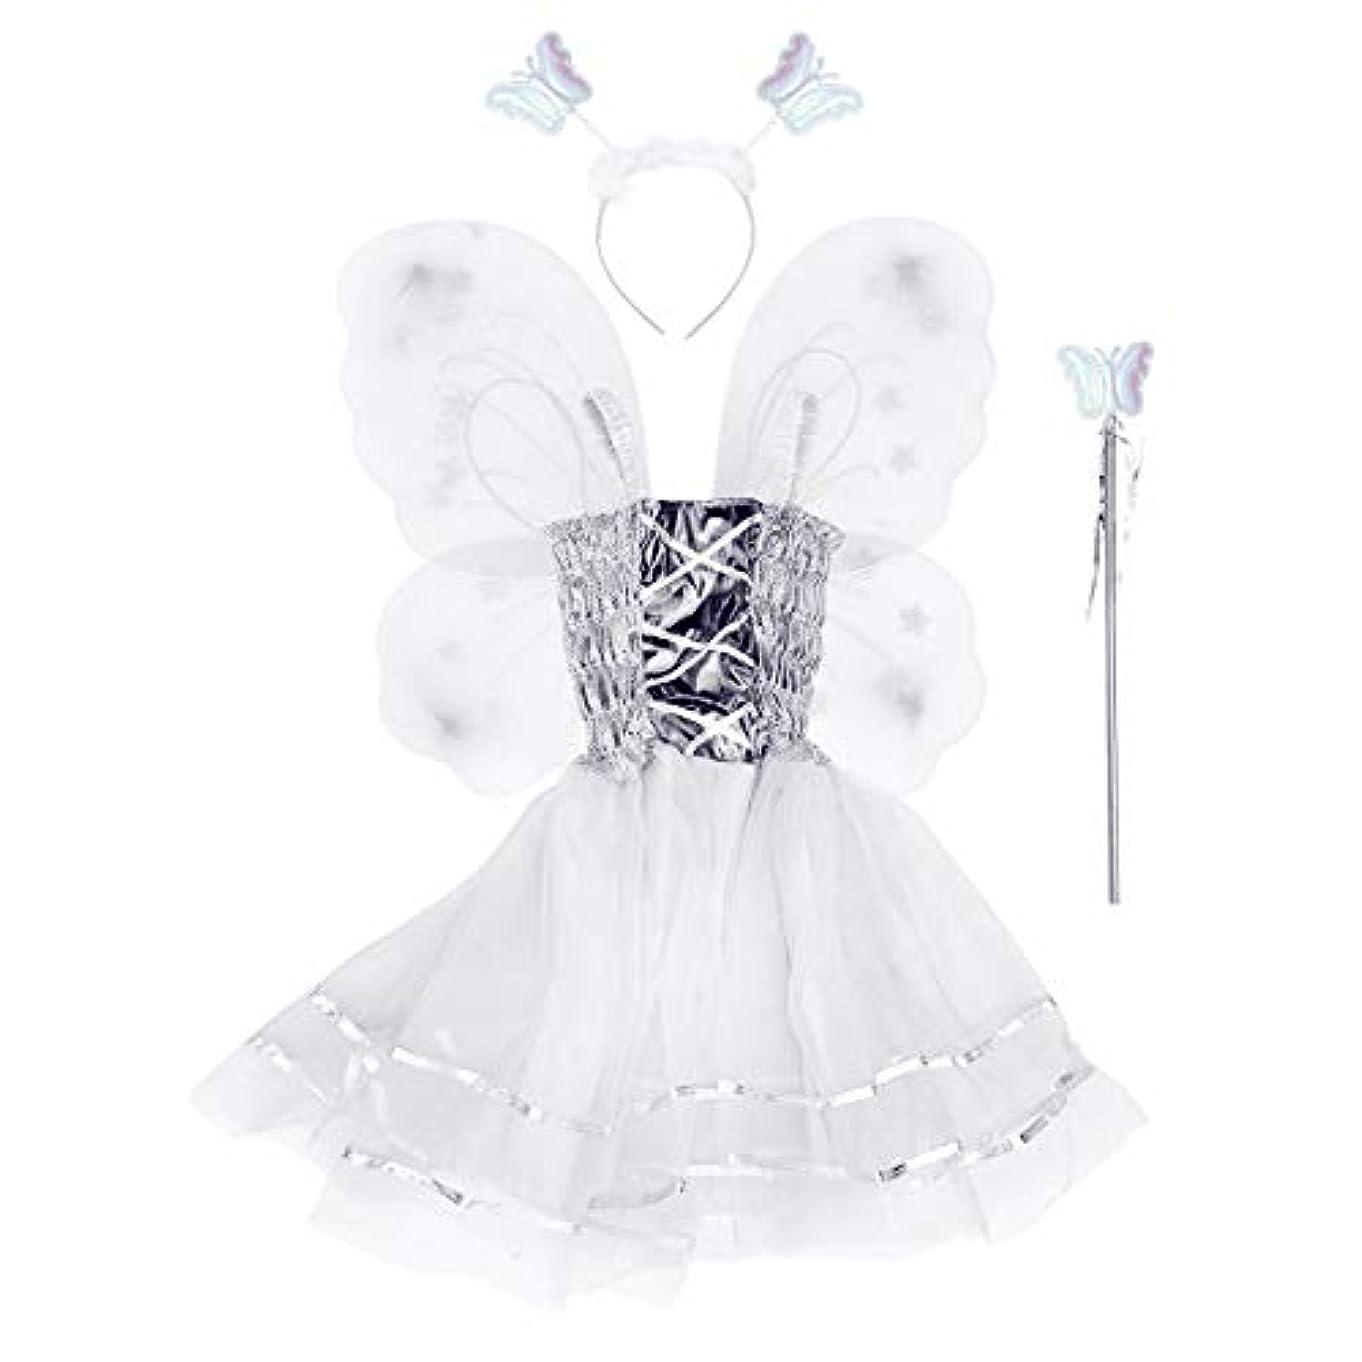 いつでも儀式努力するBESTOYARD 4本の女の子バタフライプリンセス妖精のコスチュームセット蝶の羽、ワンド、ヘッドバンドとツツードレス(ホワイト)